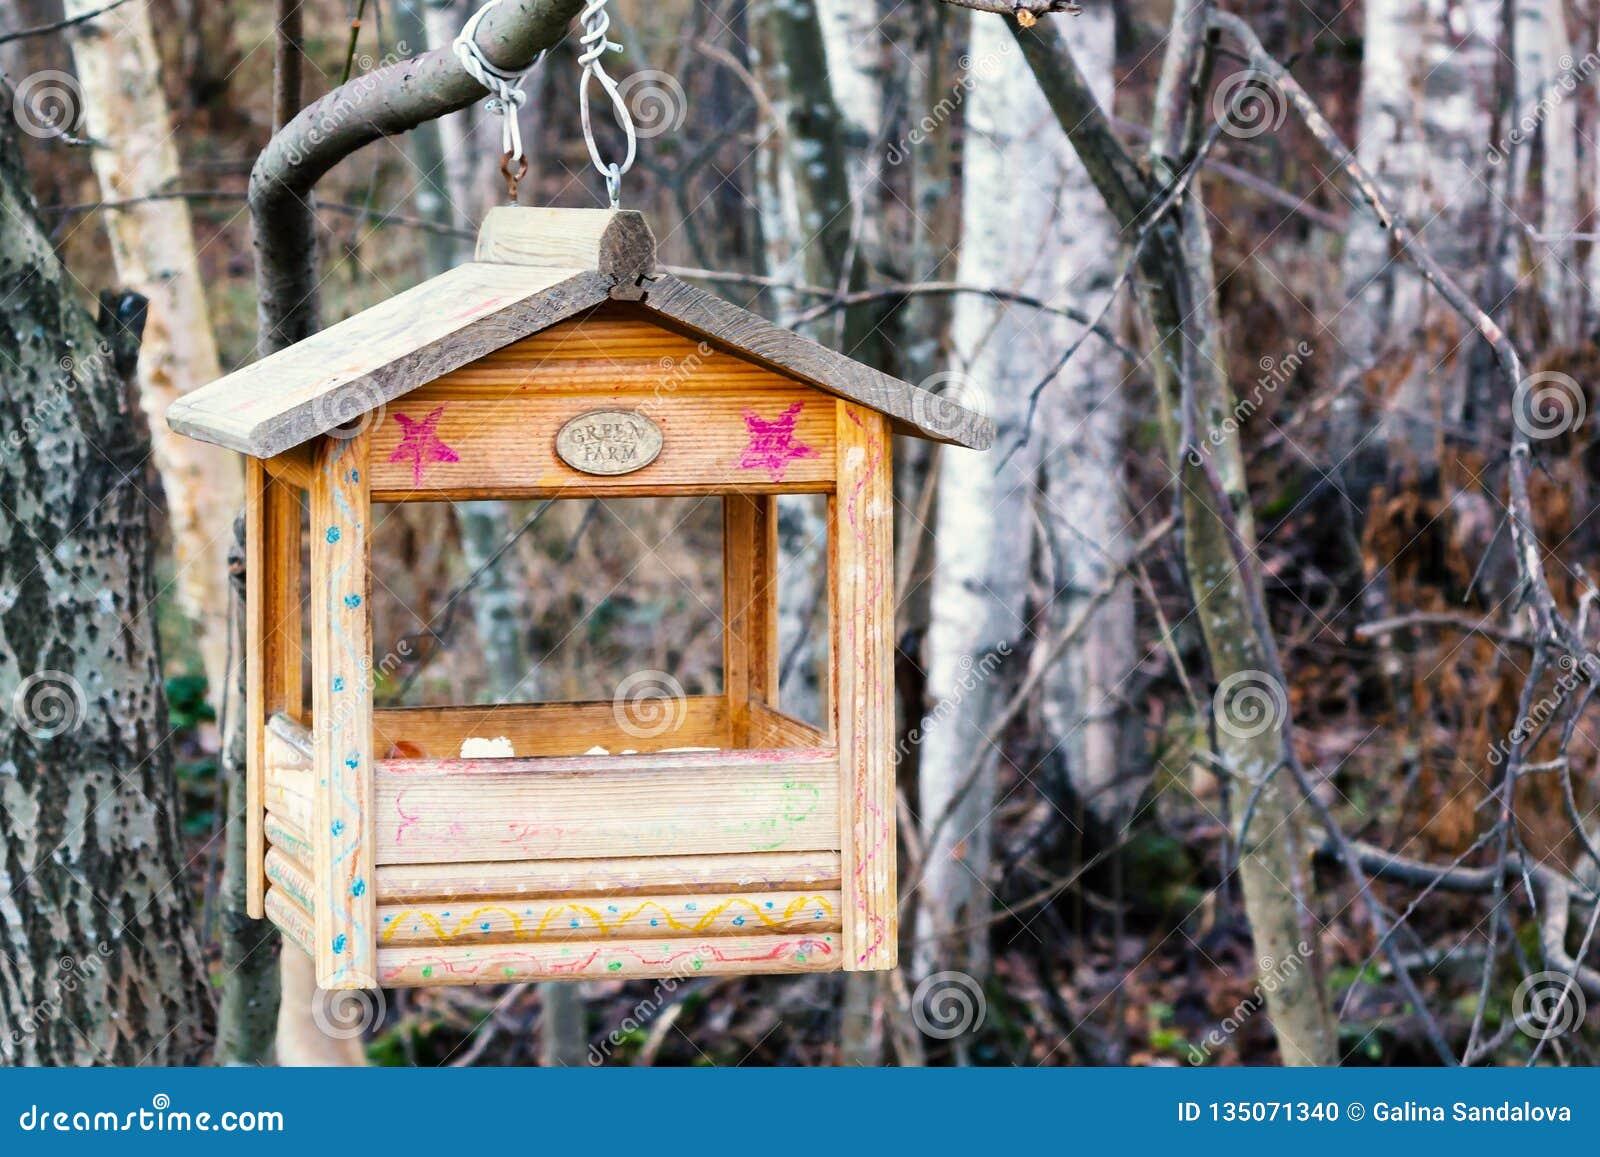 St Petersburg, Russia - 22 novembre 2018:: Alimentatore dell uccello sotto forma di una casa su un ramo nella foresta di inverno